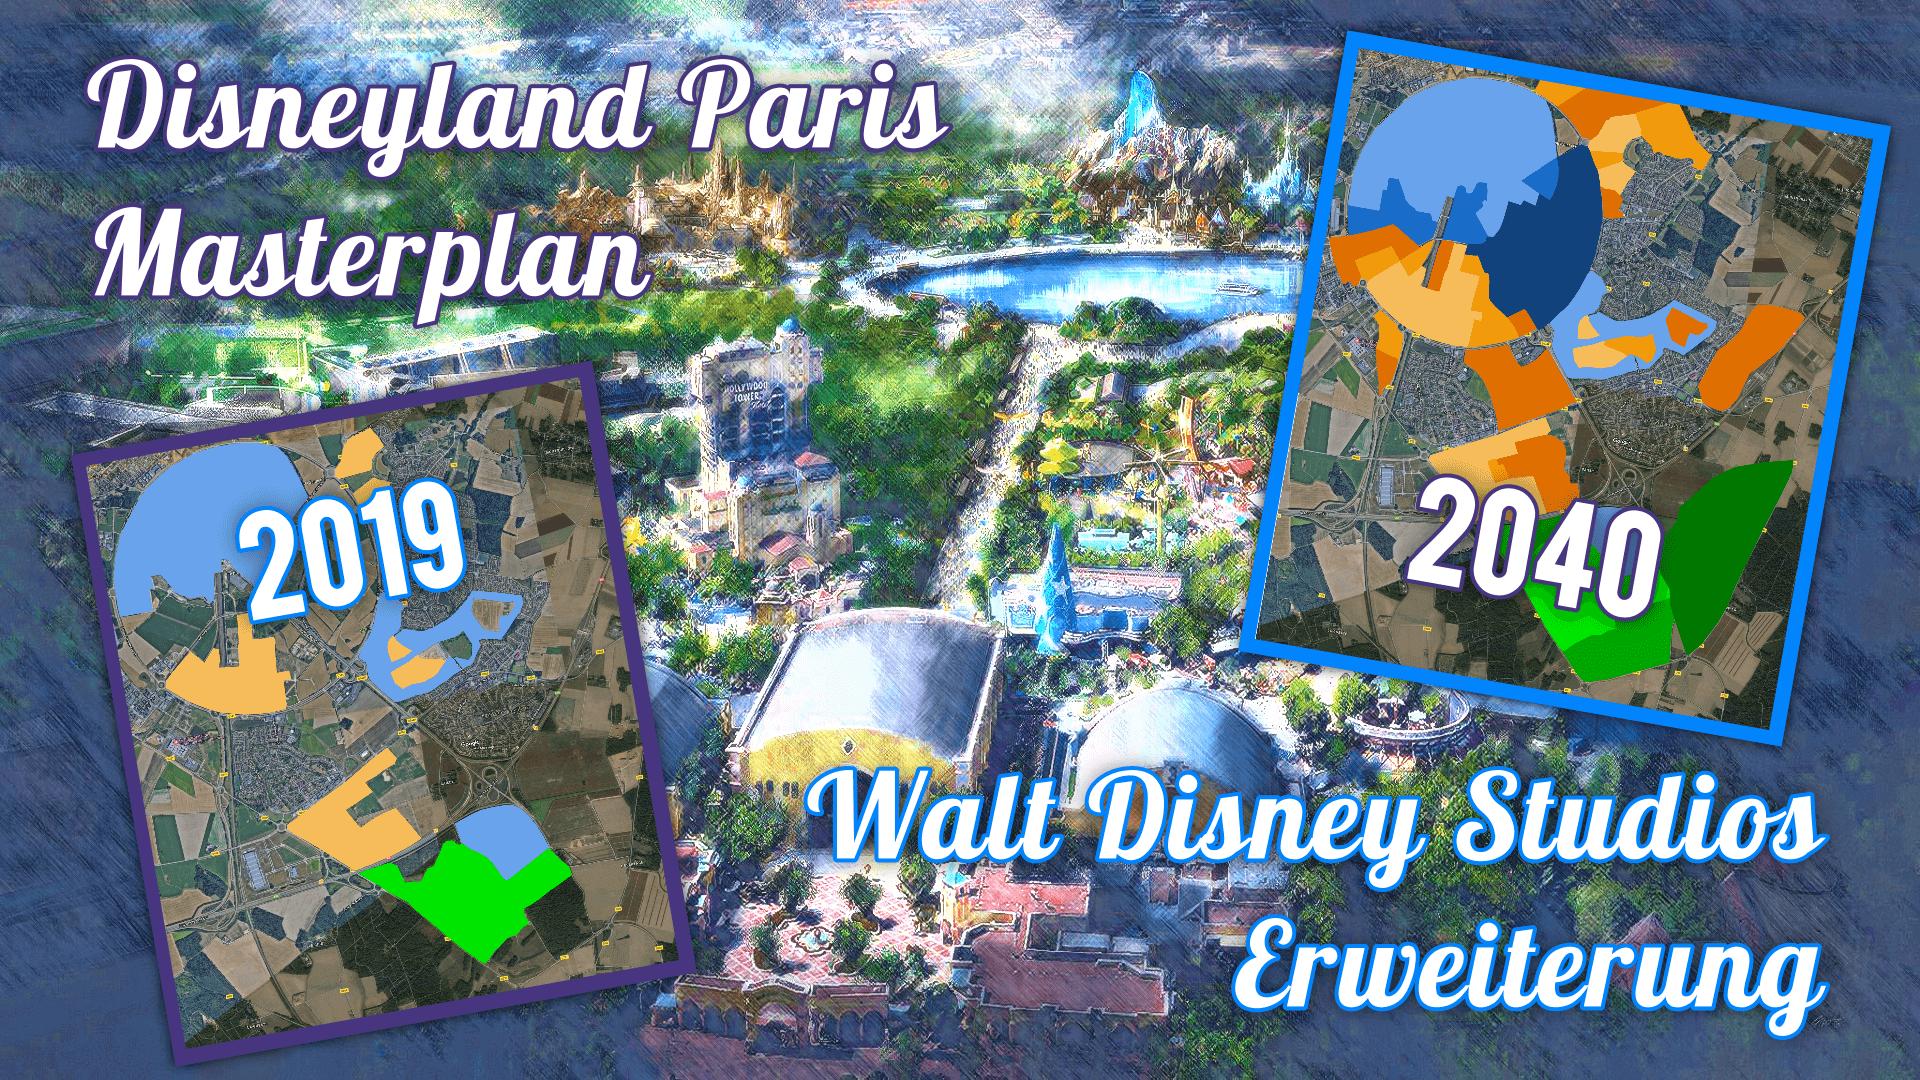 Concept Art zur Erweiterung der Walt Disney Studios und Masterplan Disneyland Paris 2040